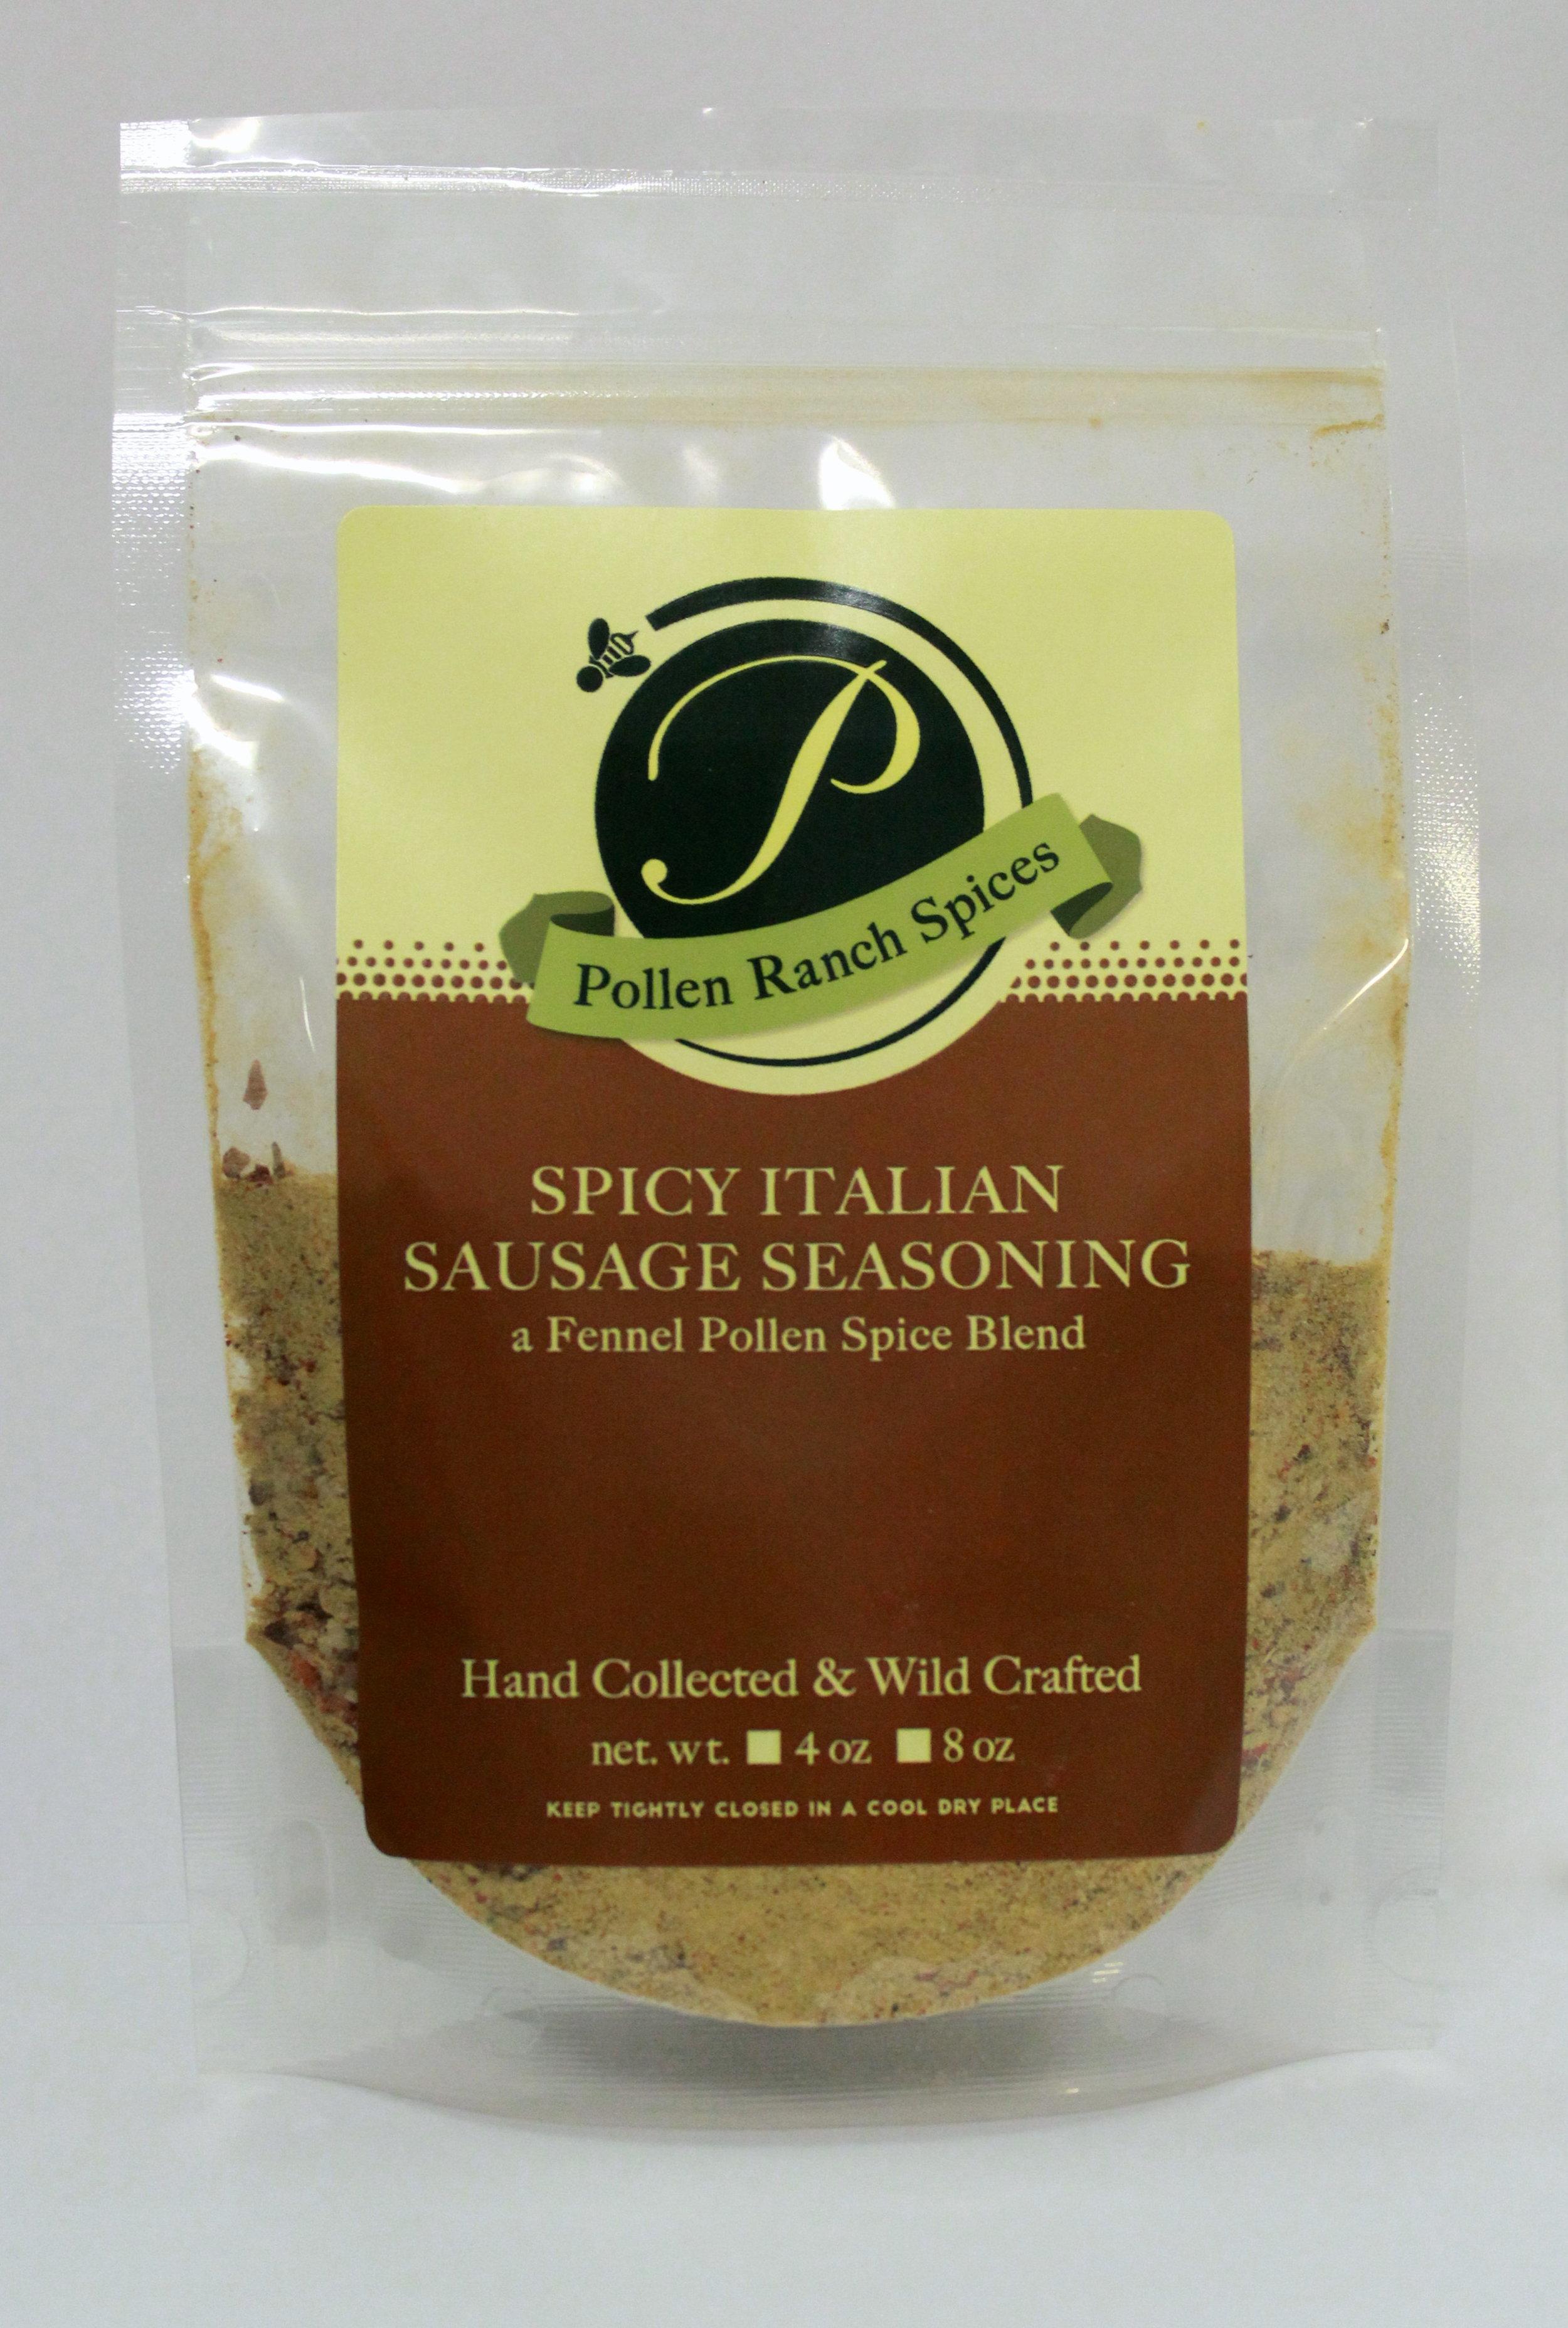 SPICY ITALIAN SAUSAGE SEASONING 4 5 OZ — Pollen Ranch